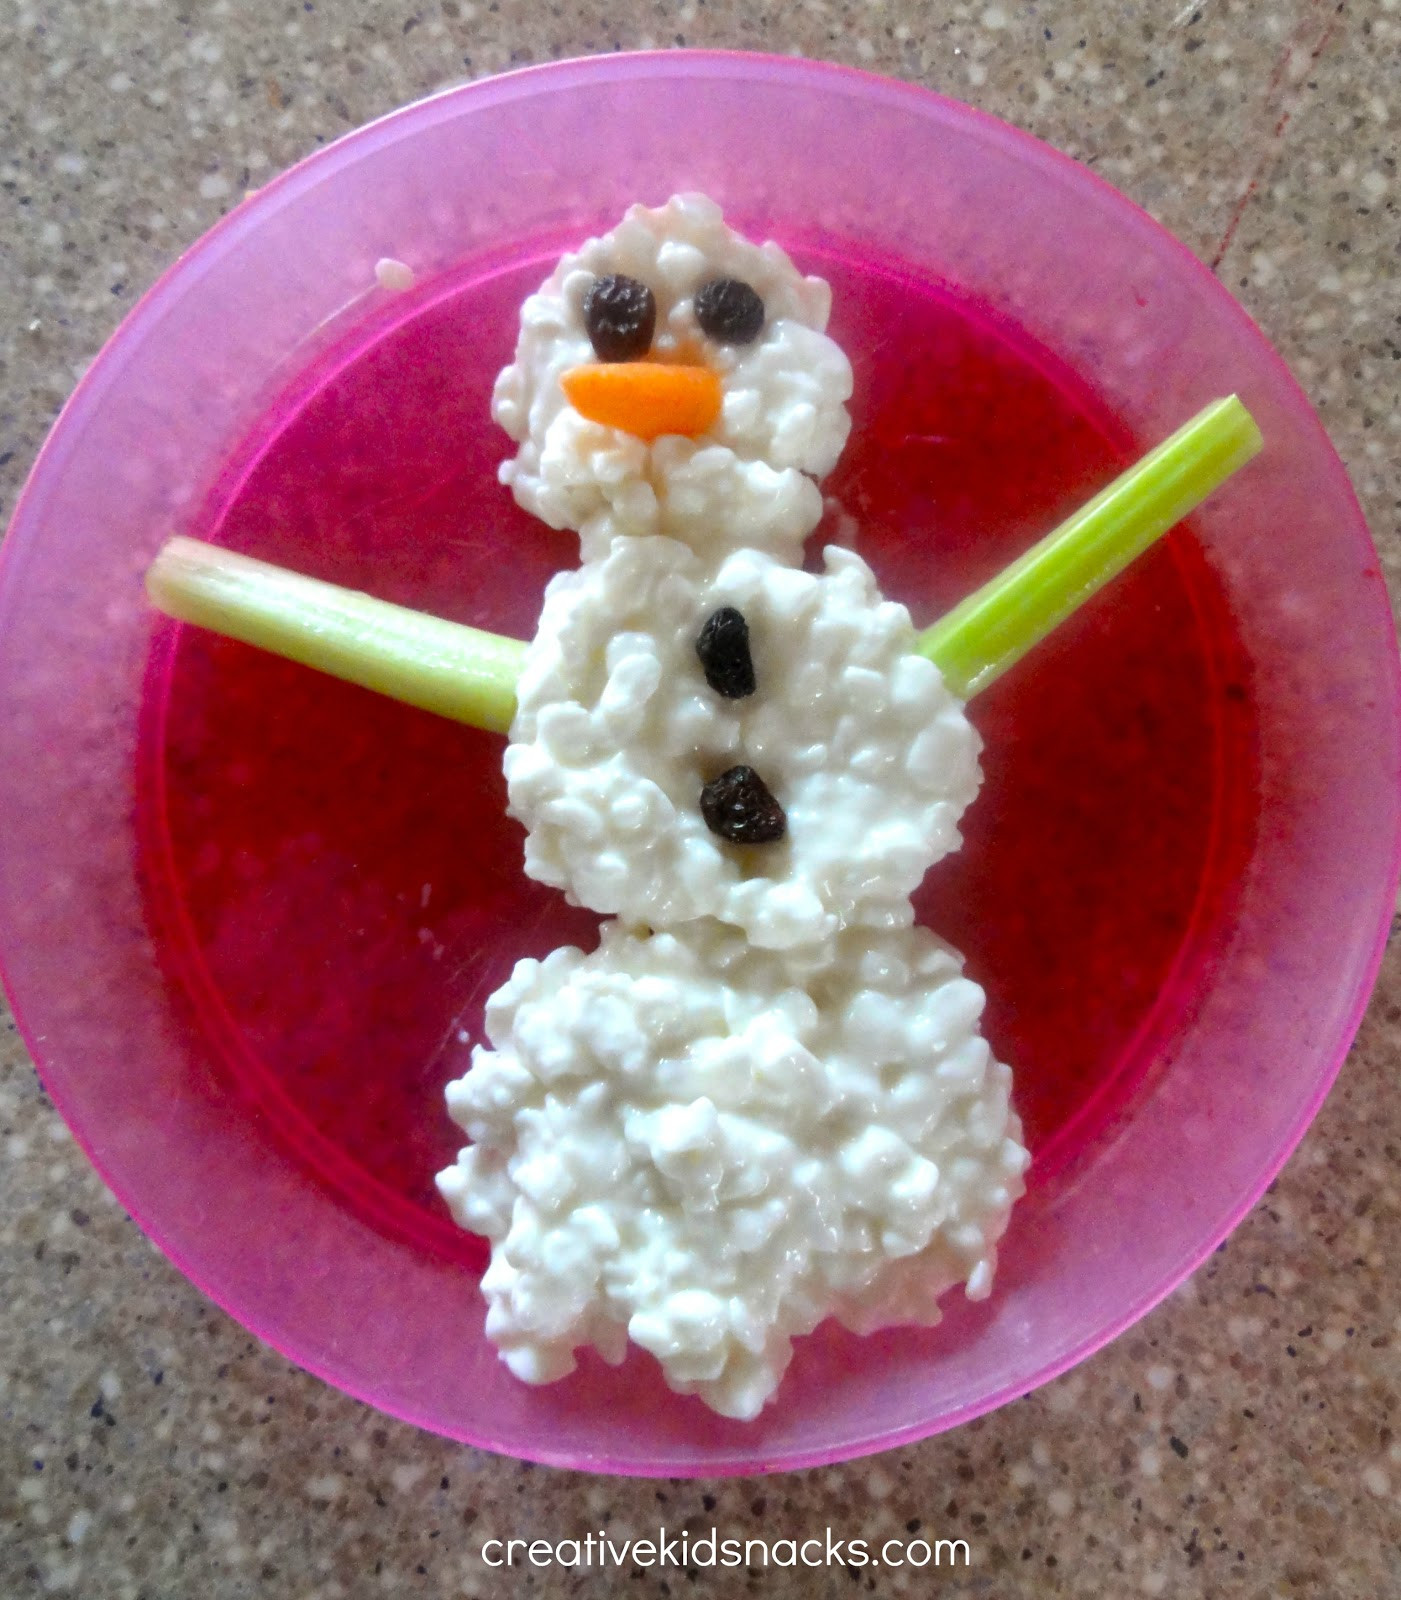 Healthy Christmas Snacks For Kids  Healthy Christmas Snacks